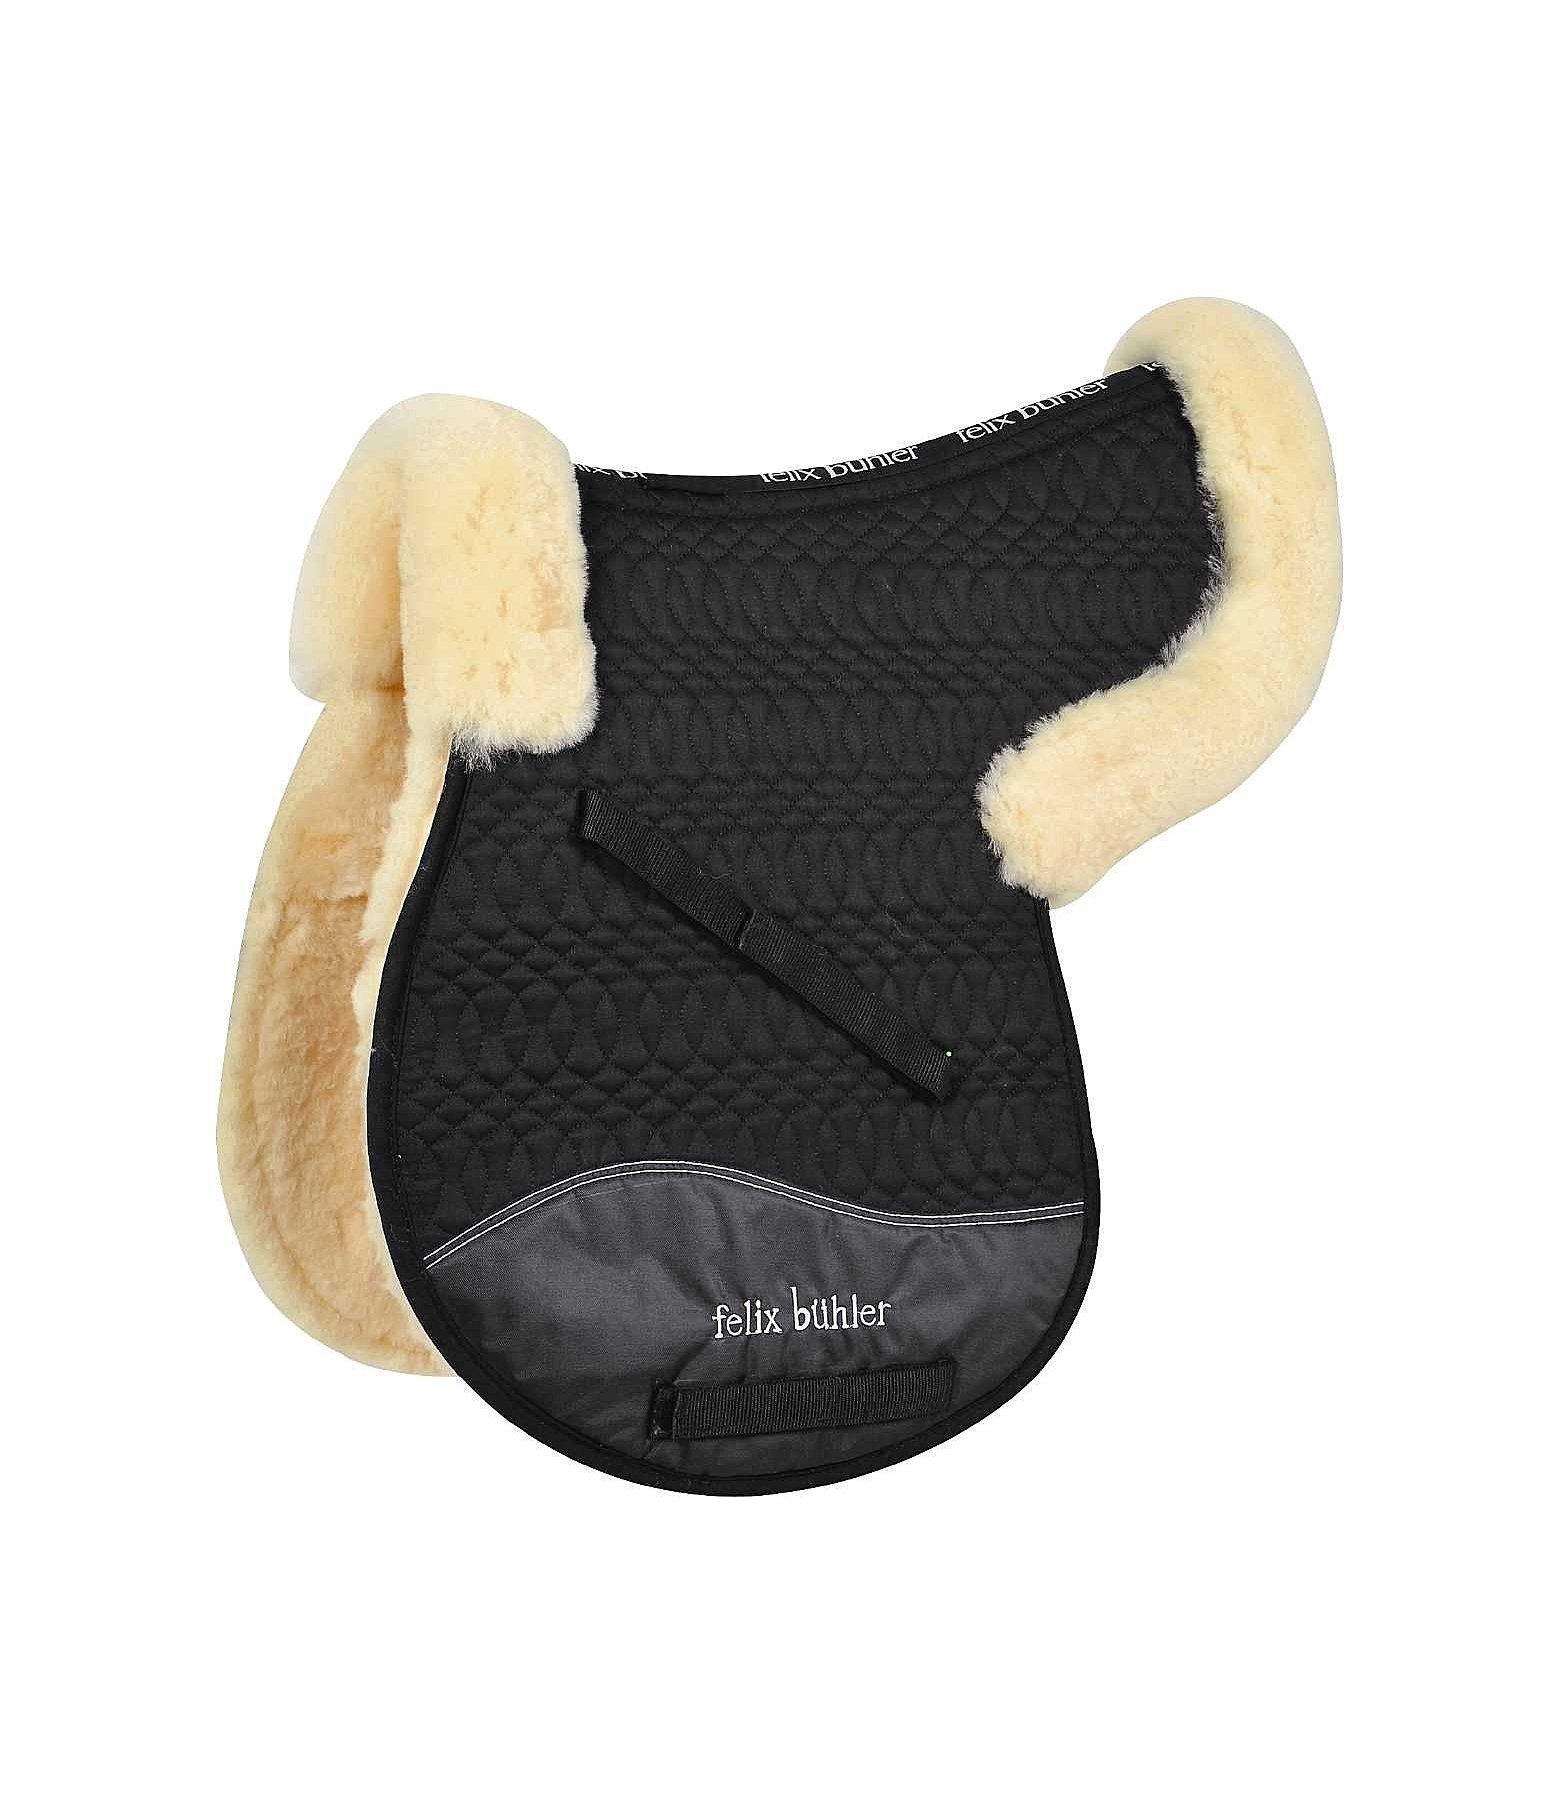 Felix b hler tapis de selle en peau d agneau r f rence 210472 for Tapis en peau d agneau ikea